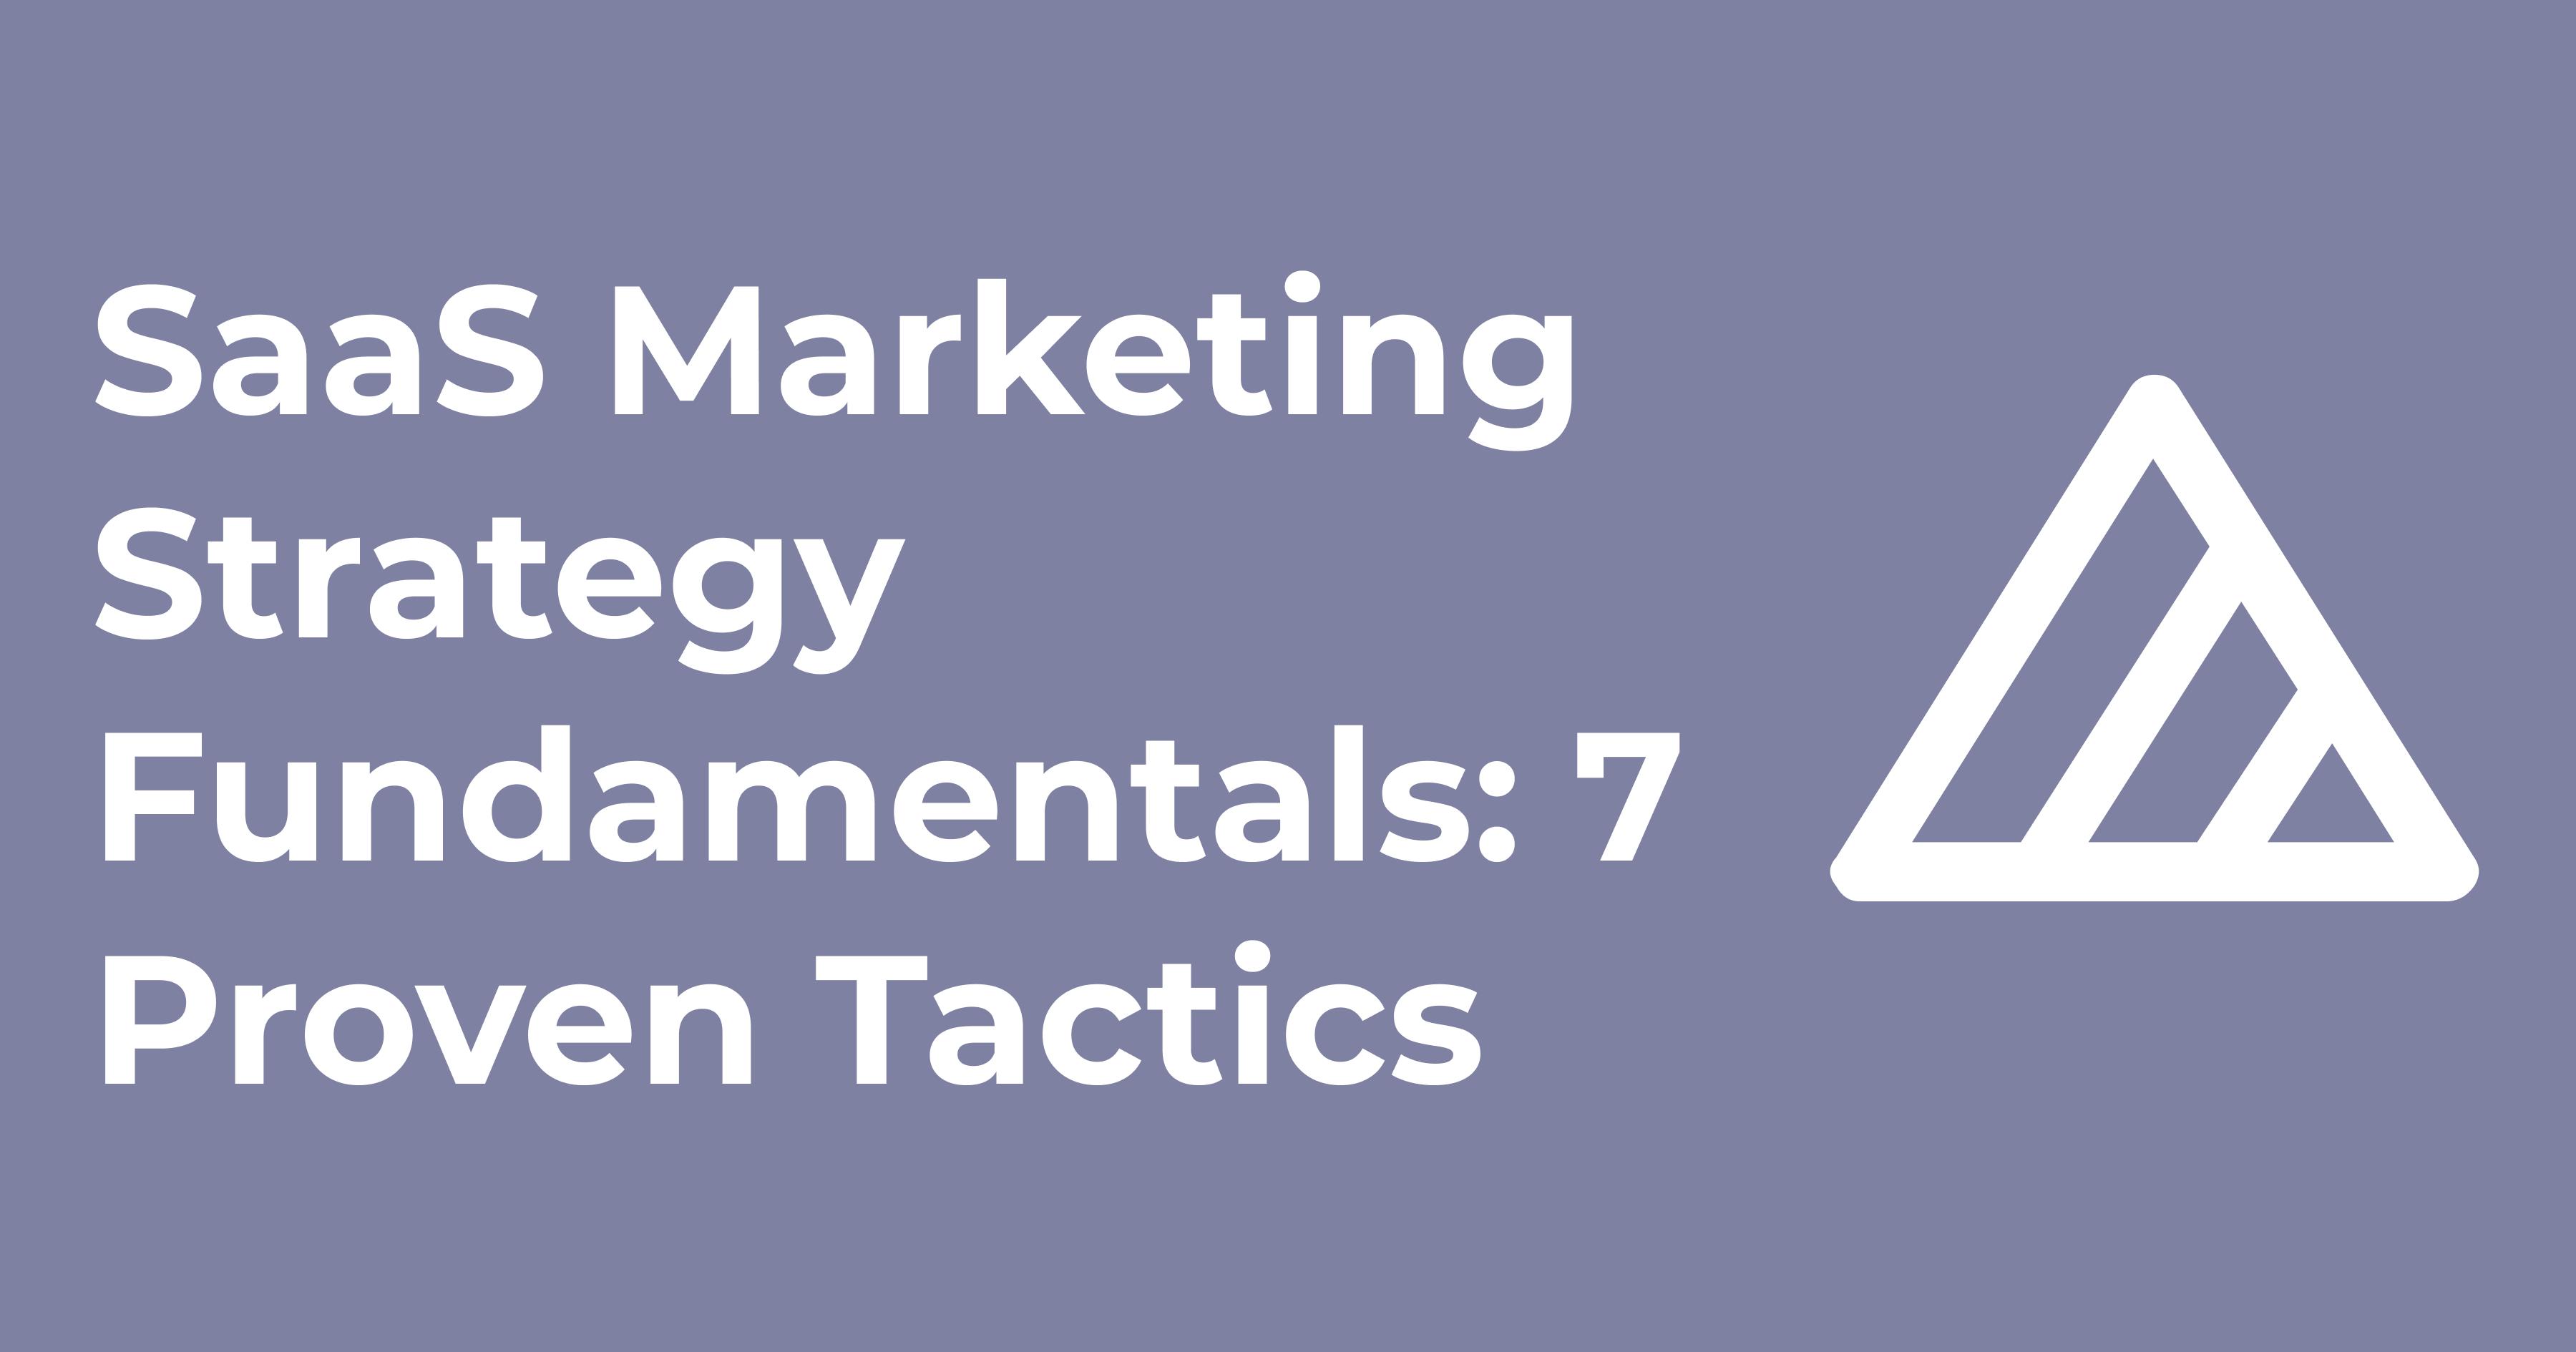 SaaS Marketing Strategy Fundamentals: 7 Proven Tactics